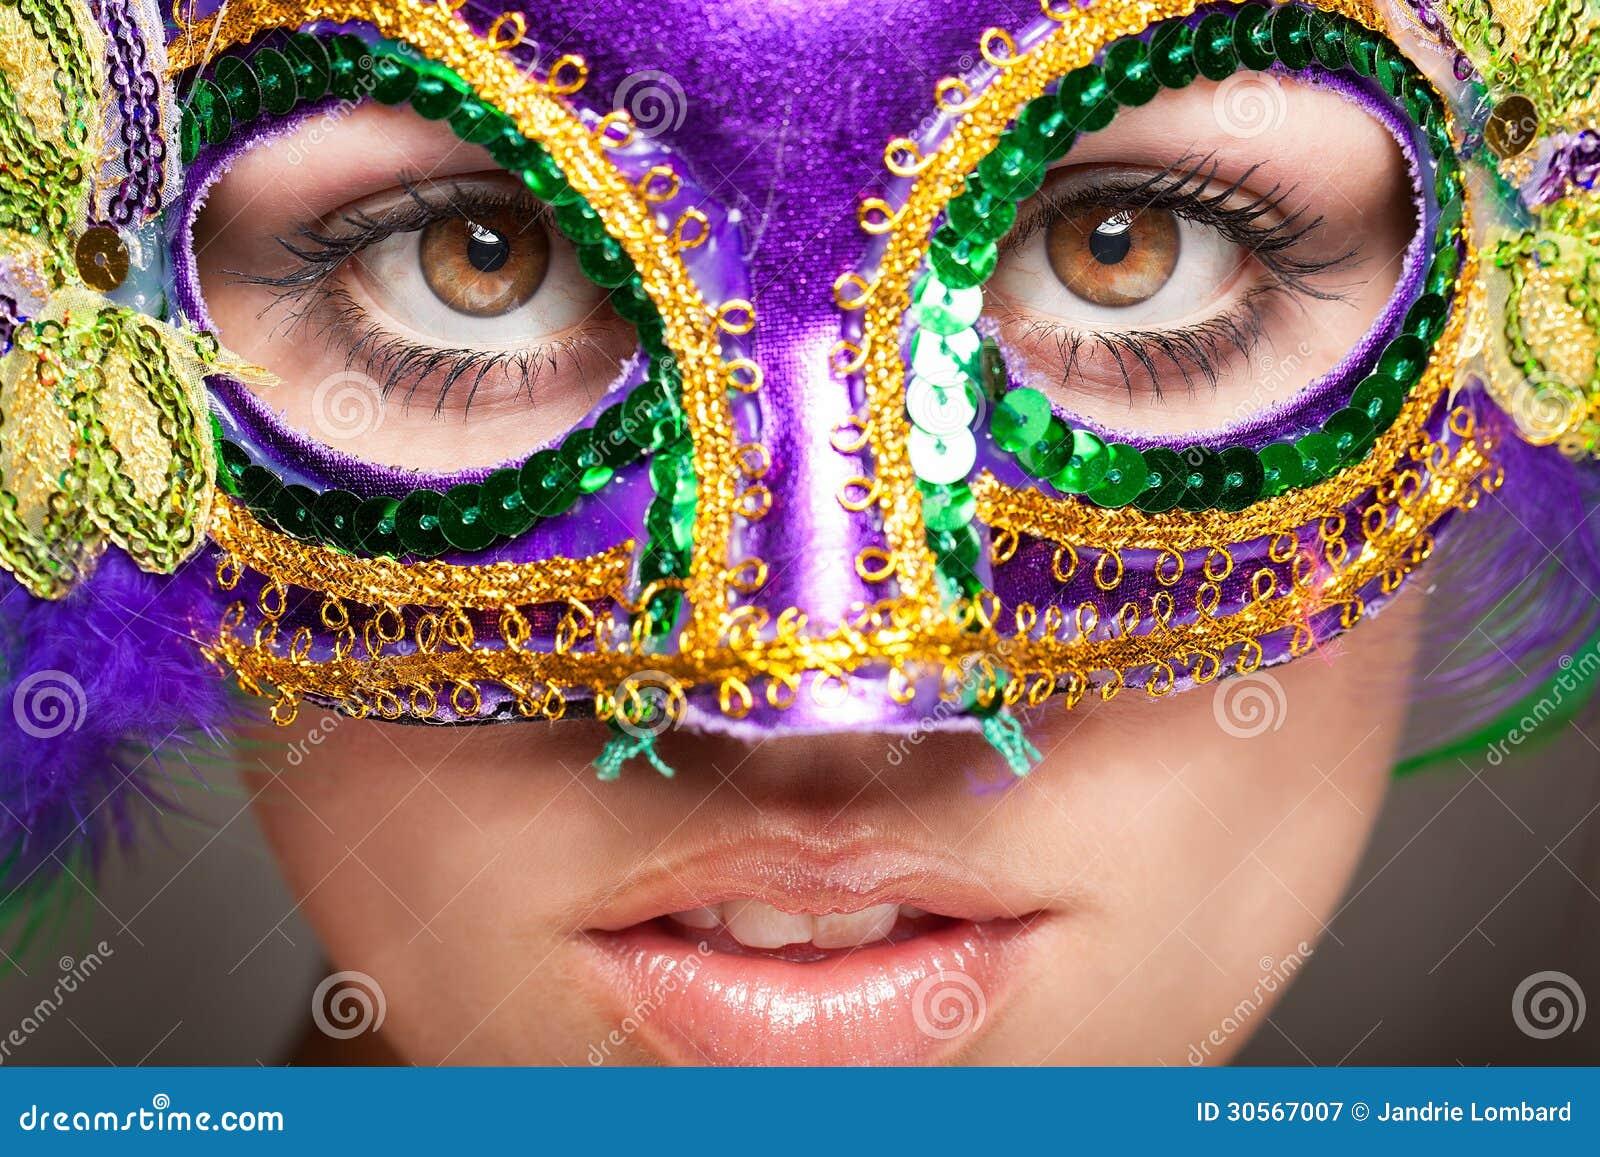 戴着化妆舞会面具的少妇.图片